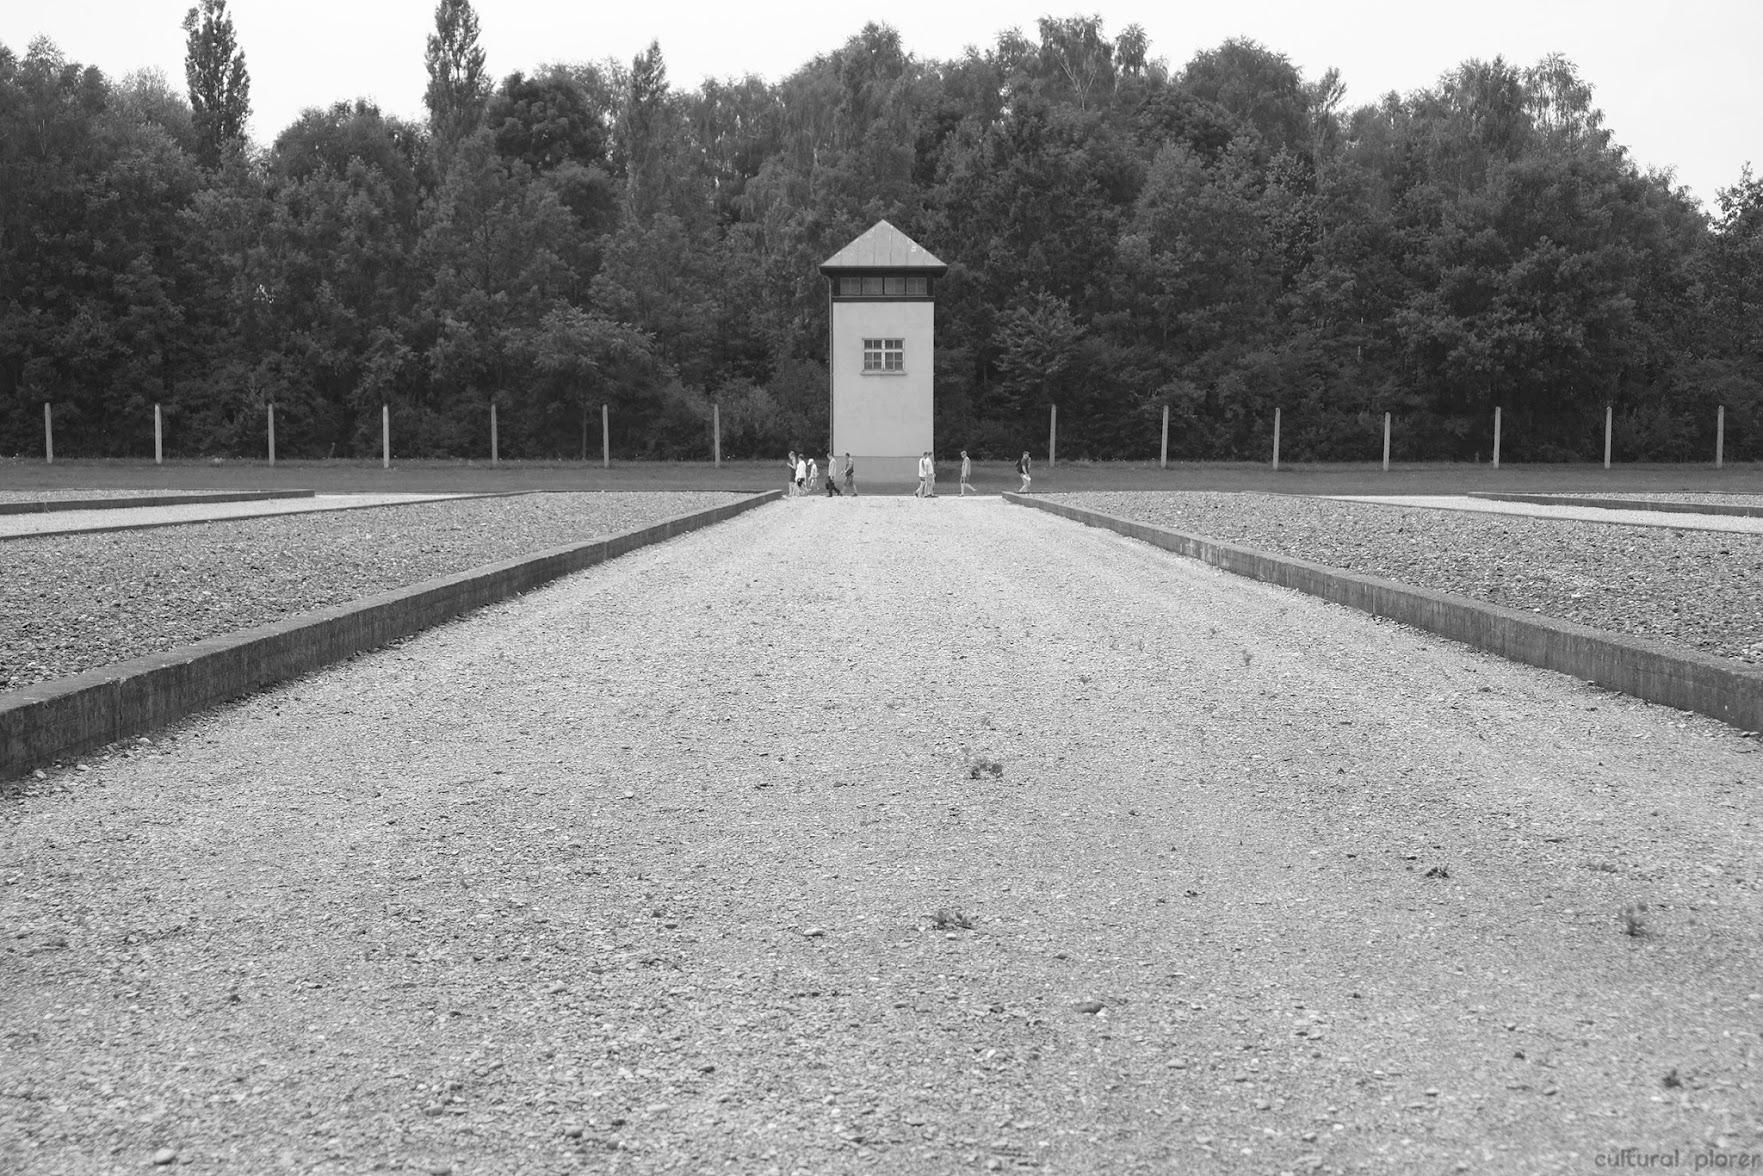 Dachau barracks original location